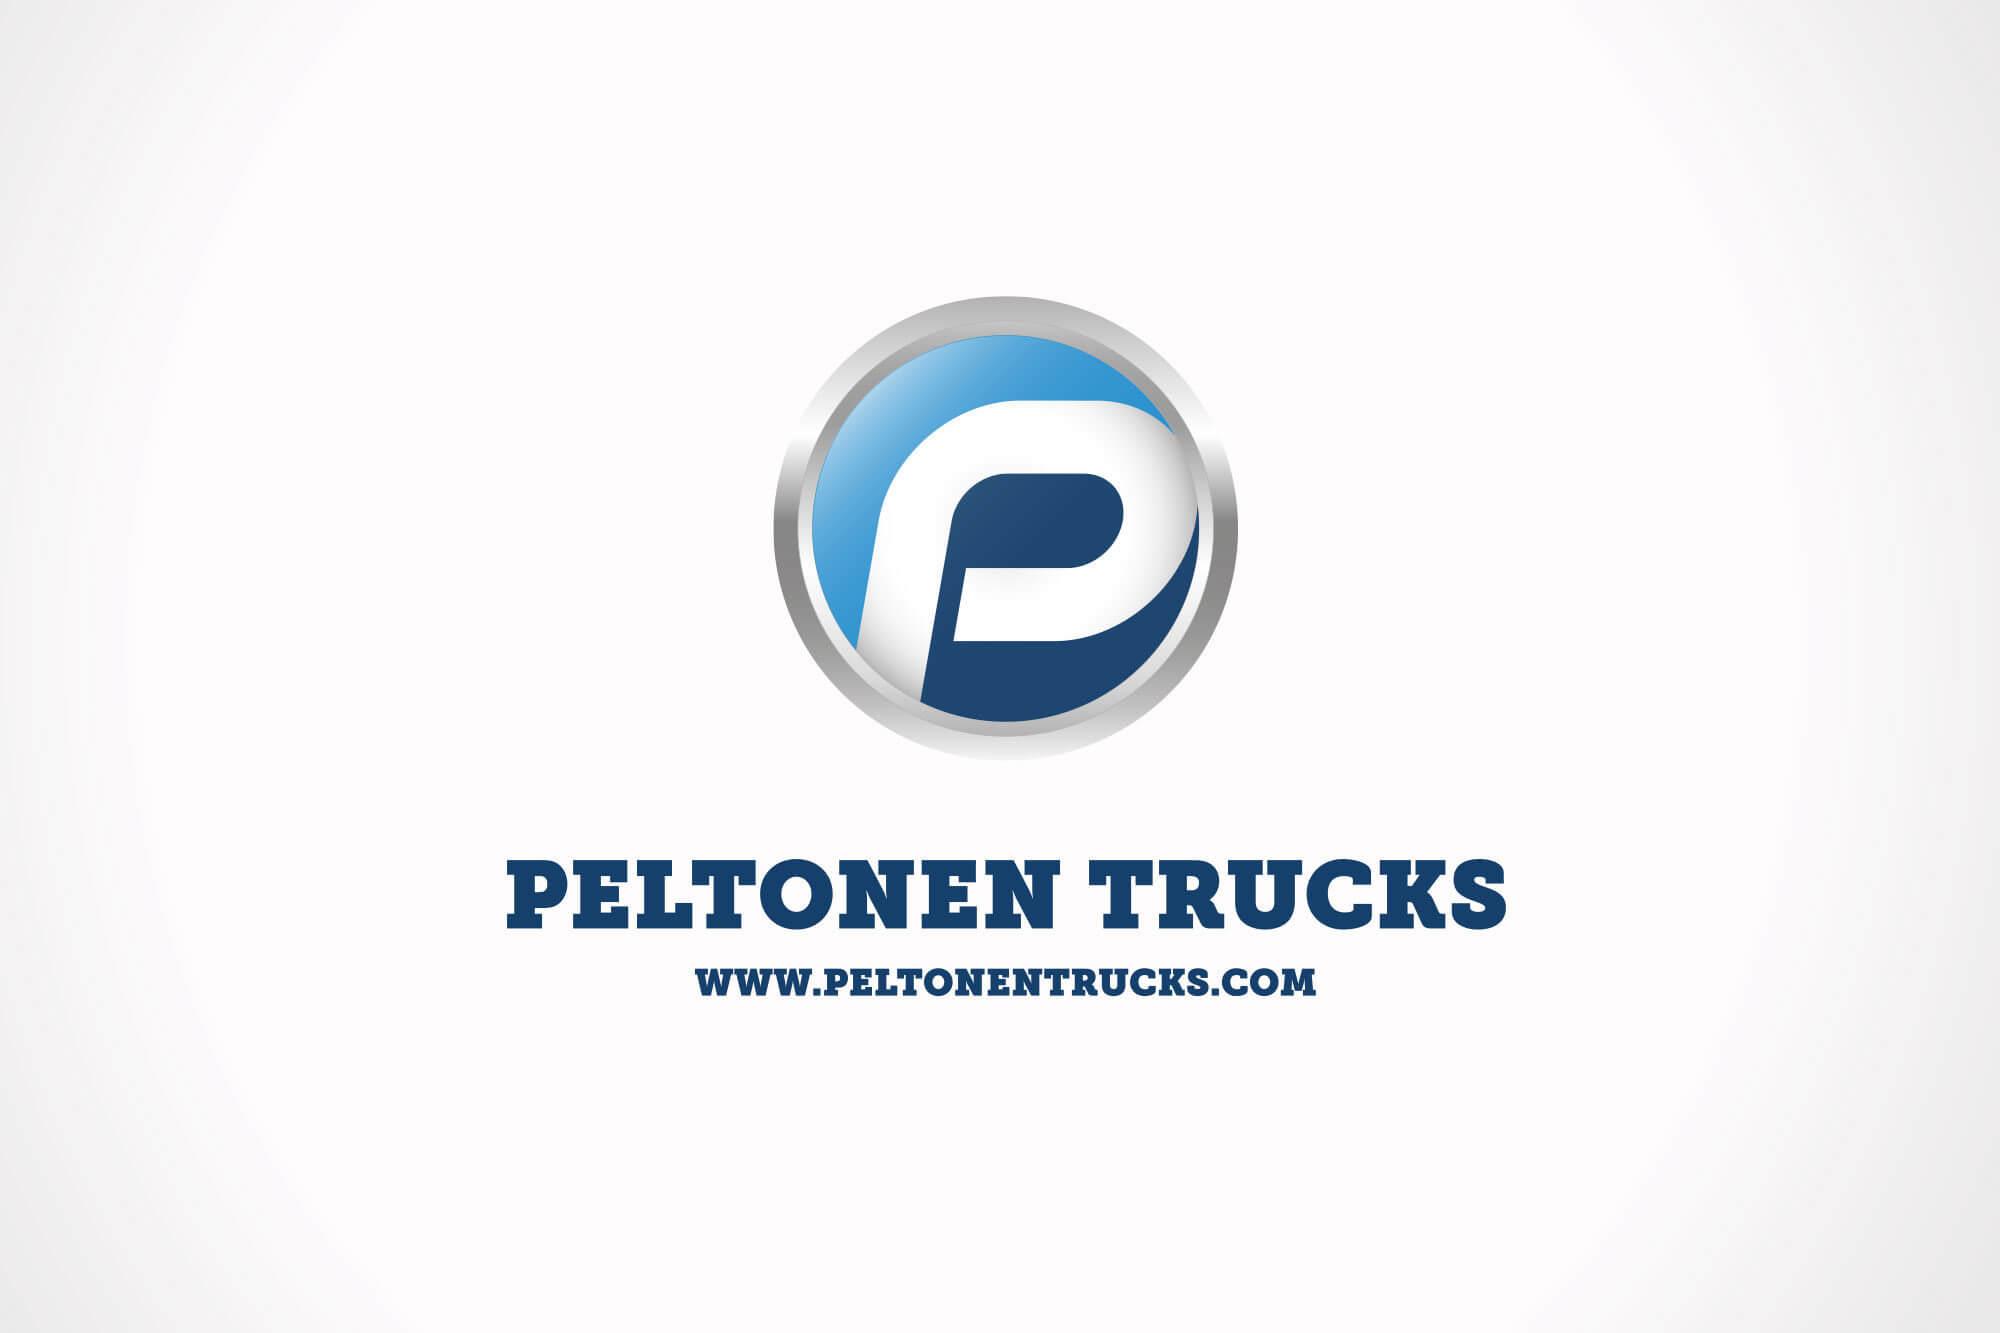 Peltonen Trucks logo